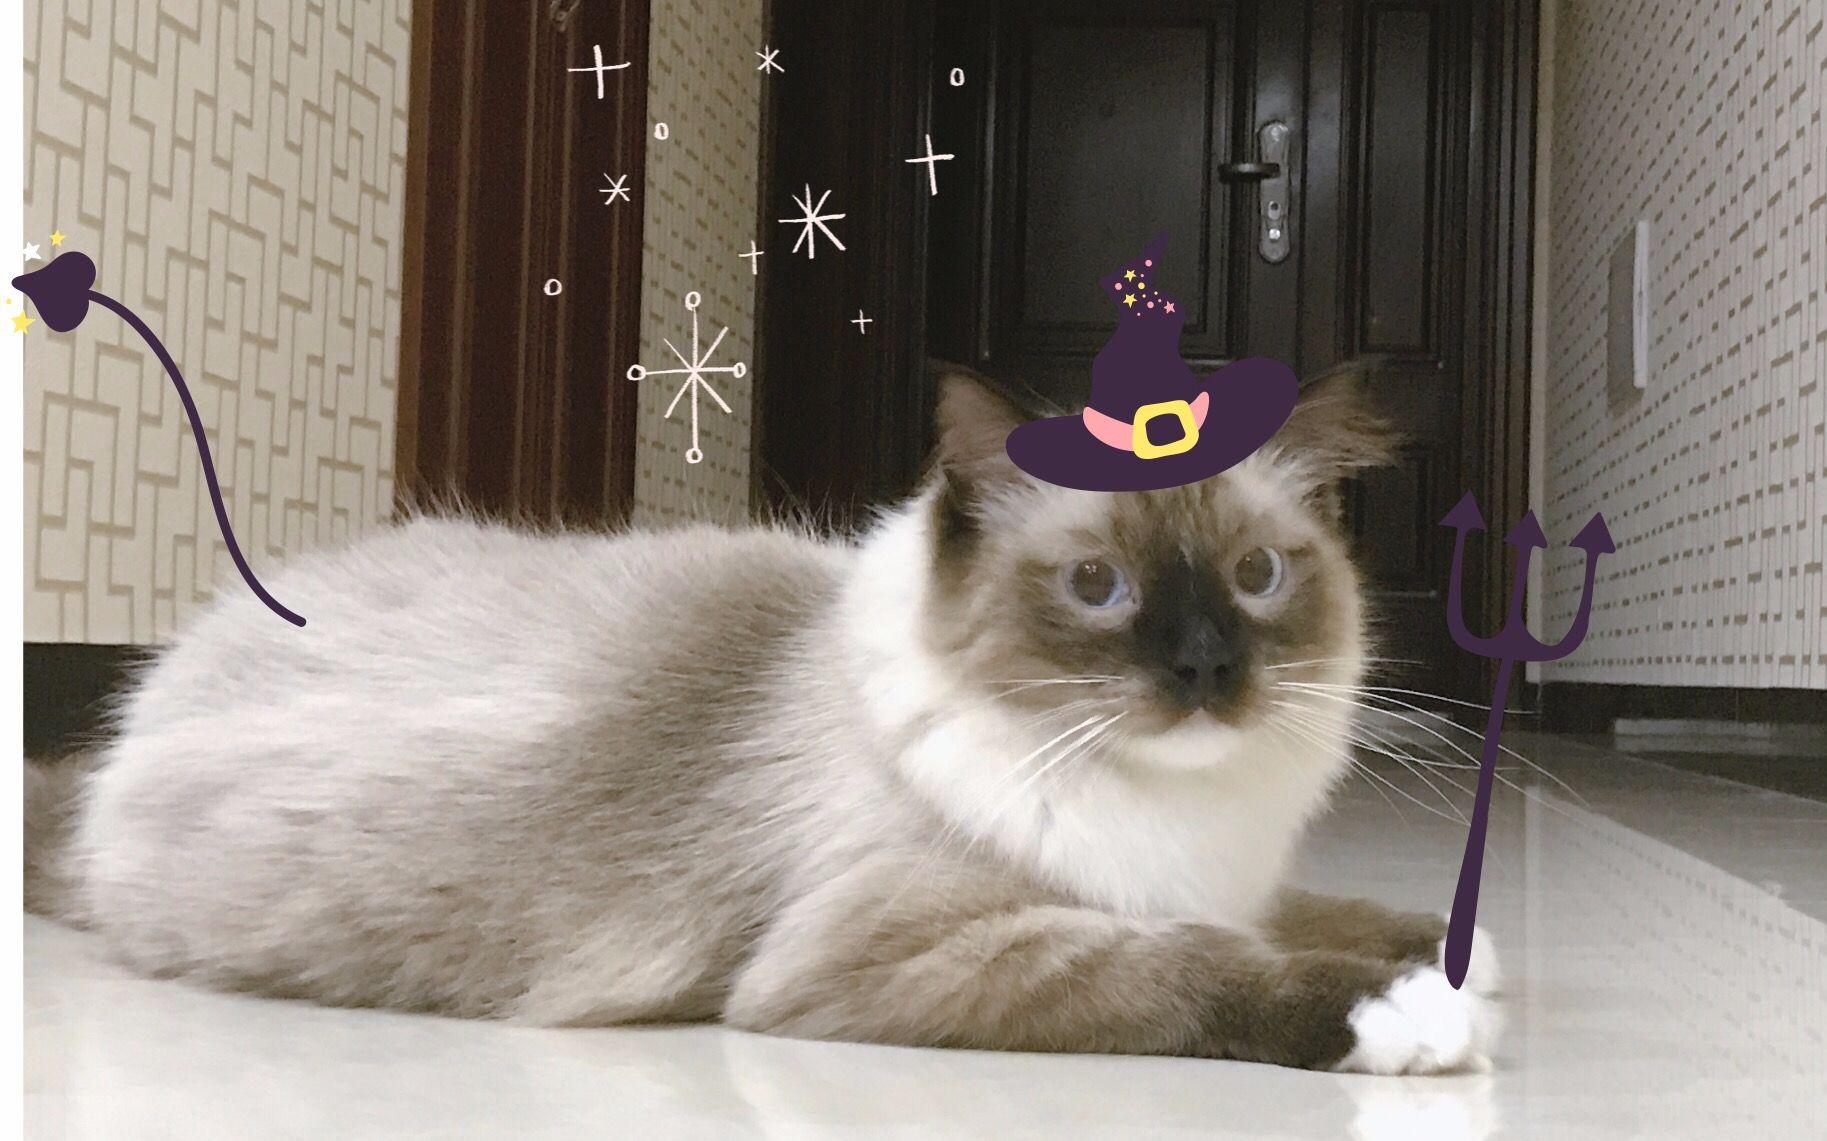 【猛男布偶猫】猫是猫只是猫全都是猫图片